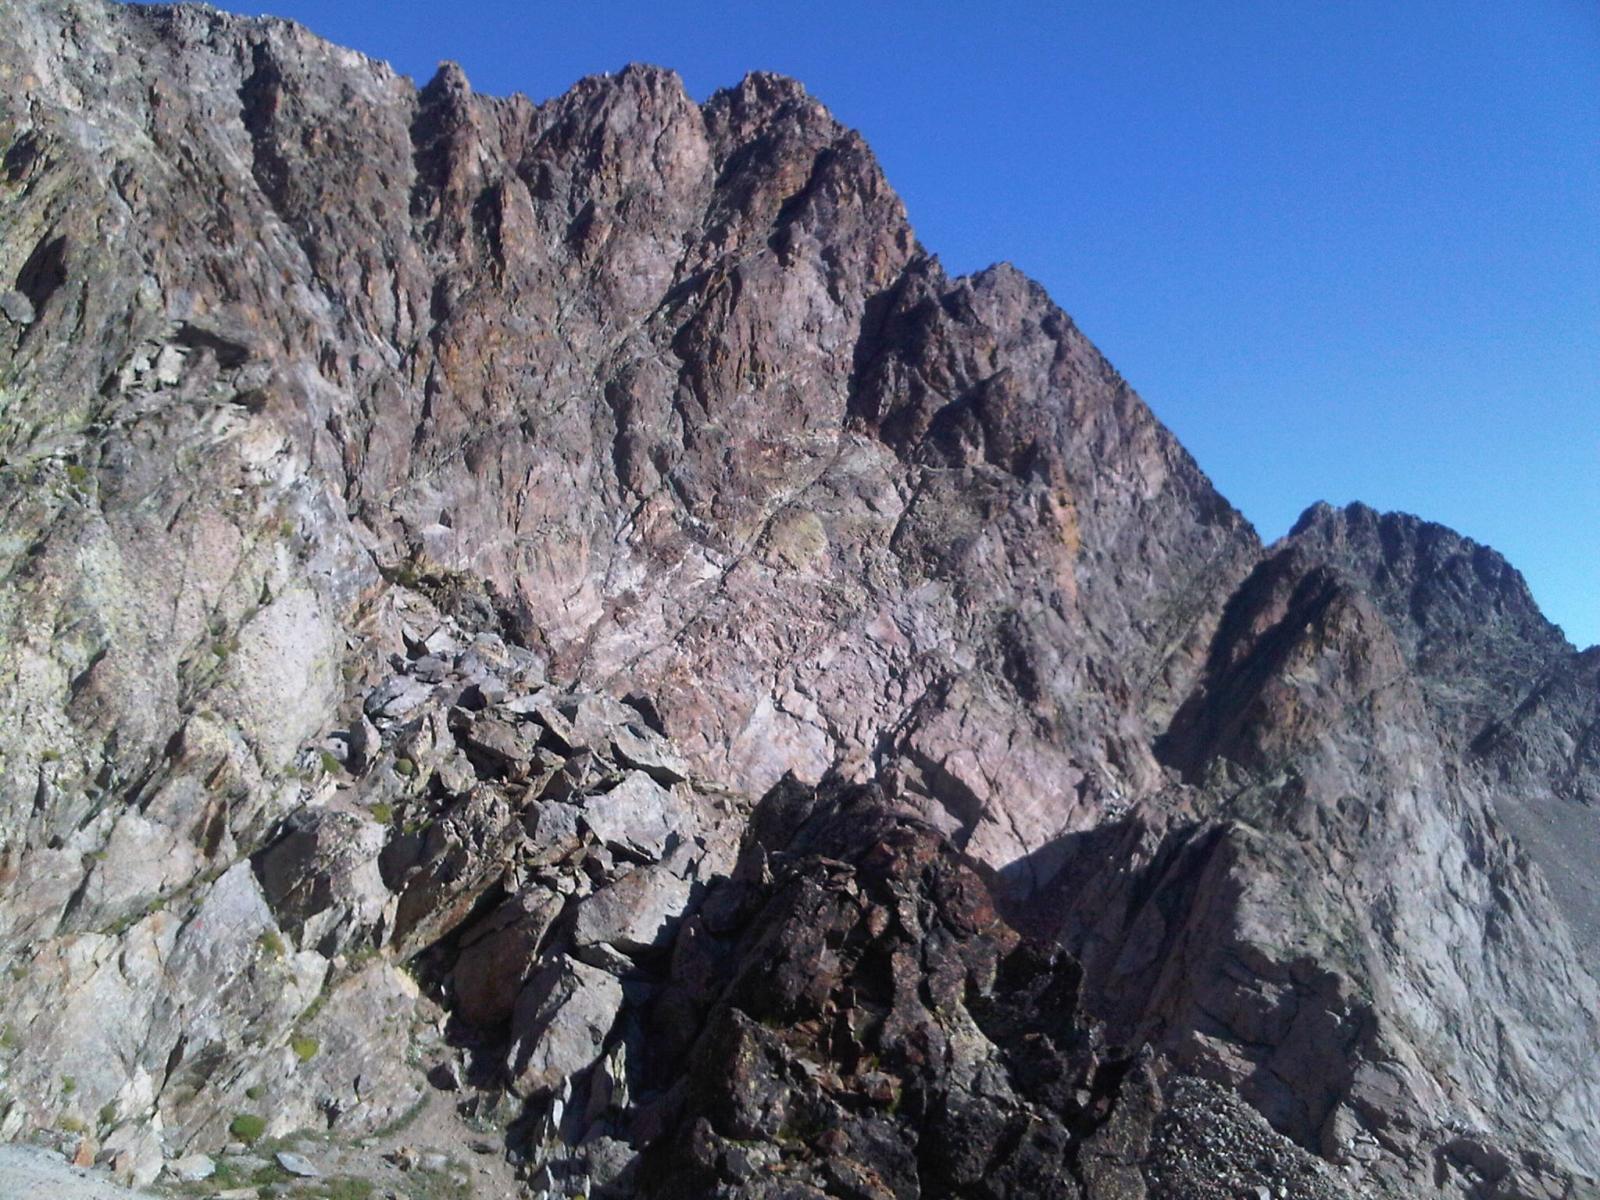 Mte. Argentera 08-11 August 2012 (Photo 26)